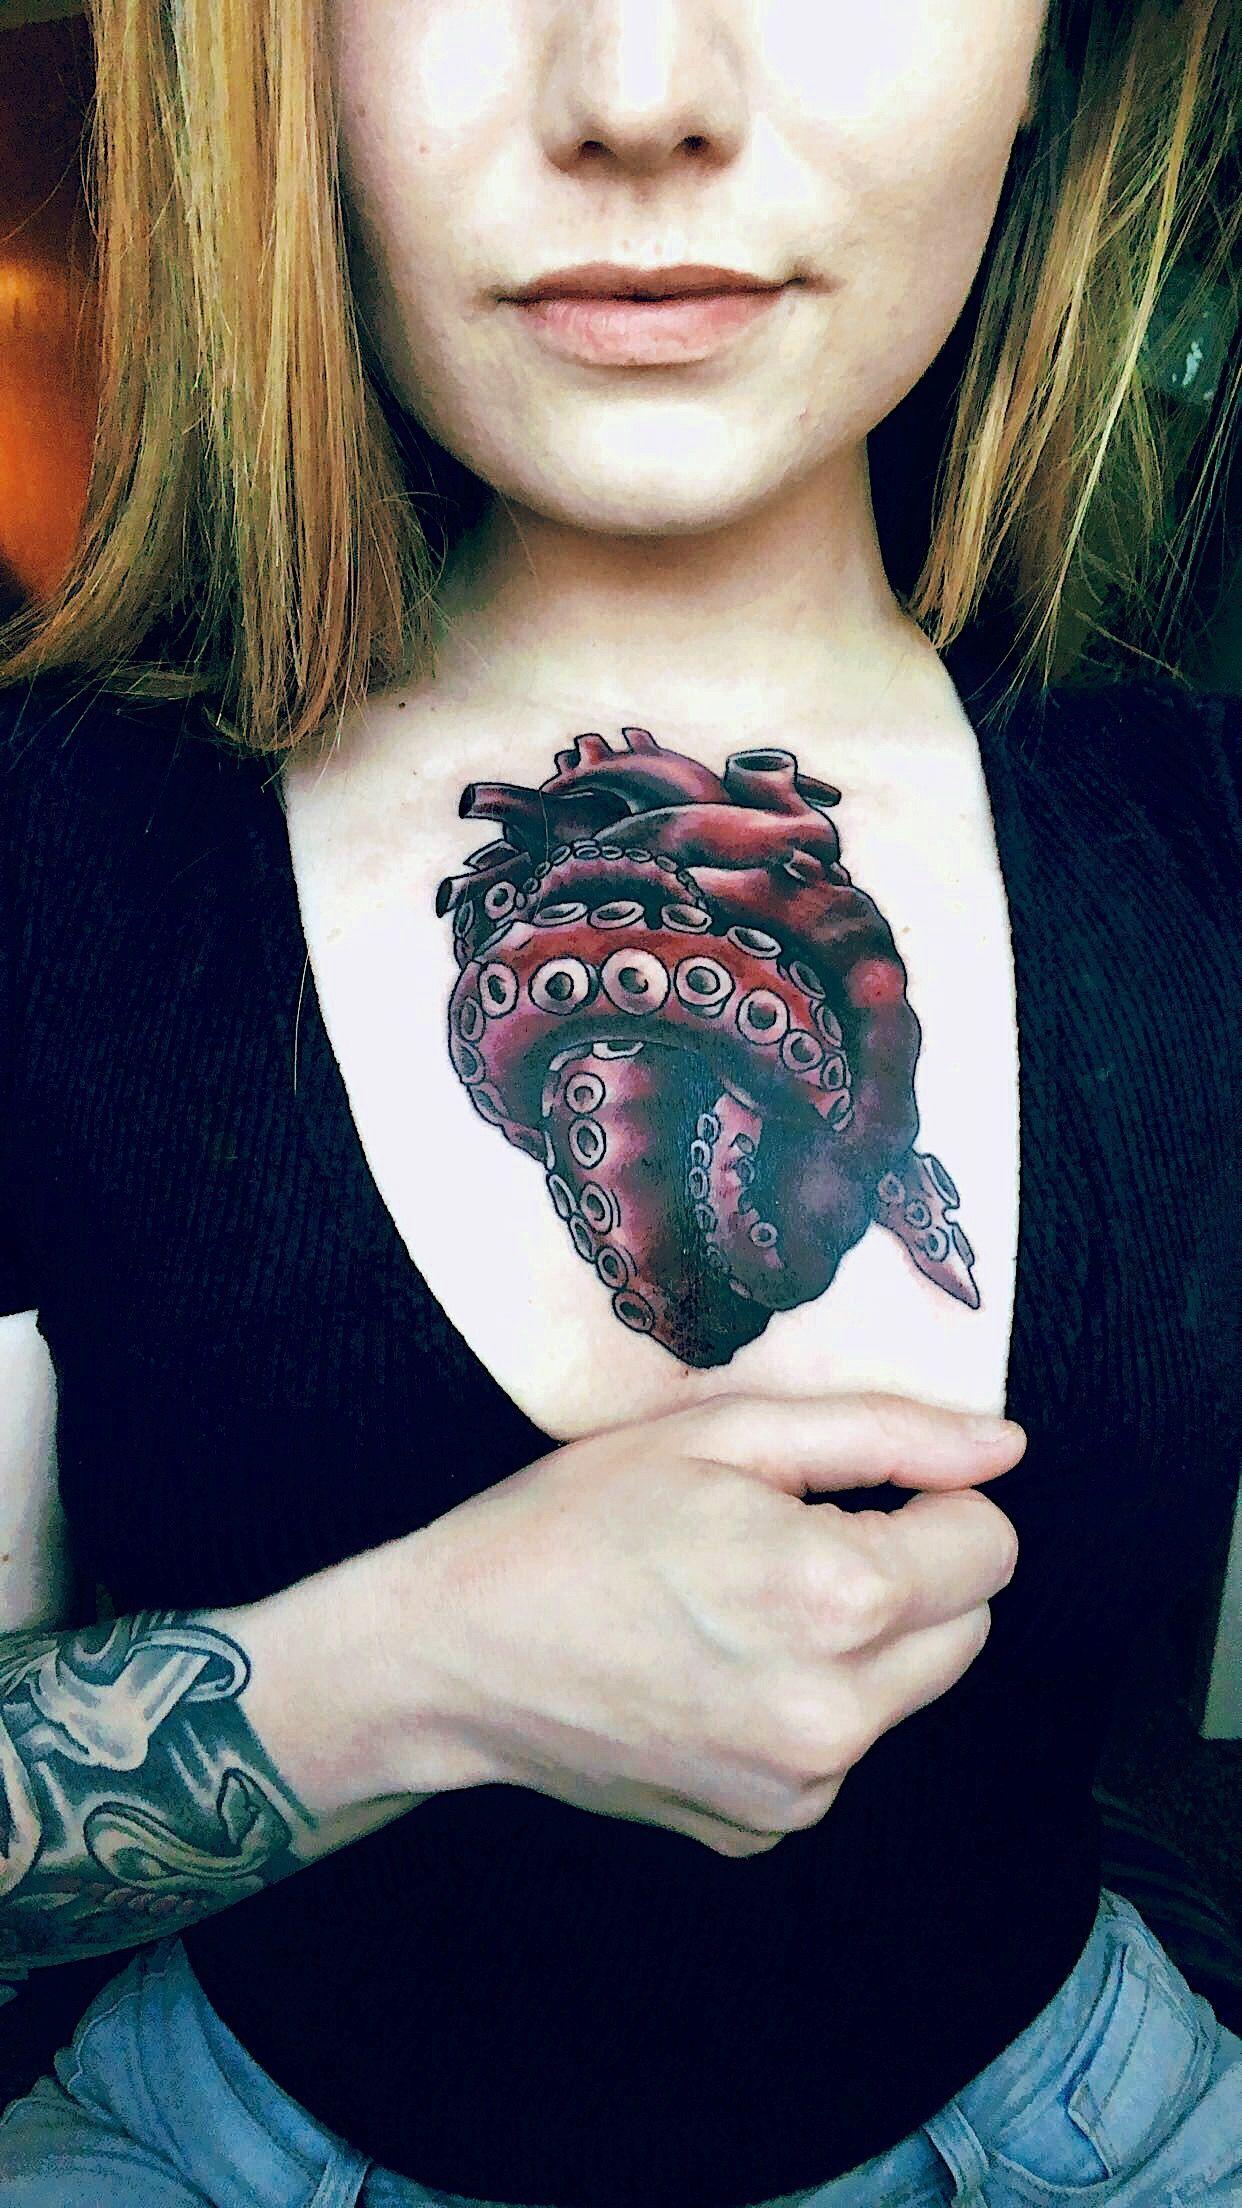 Octopus heart chest tattoo., Chest heart Octopus